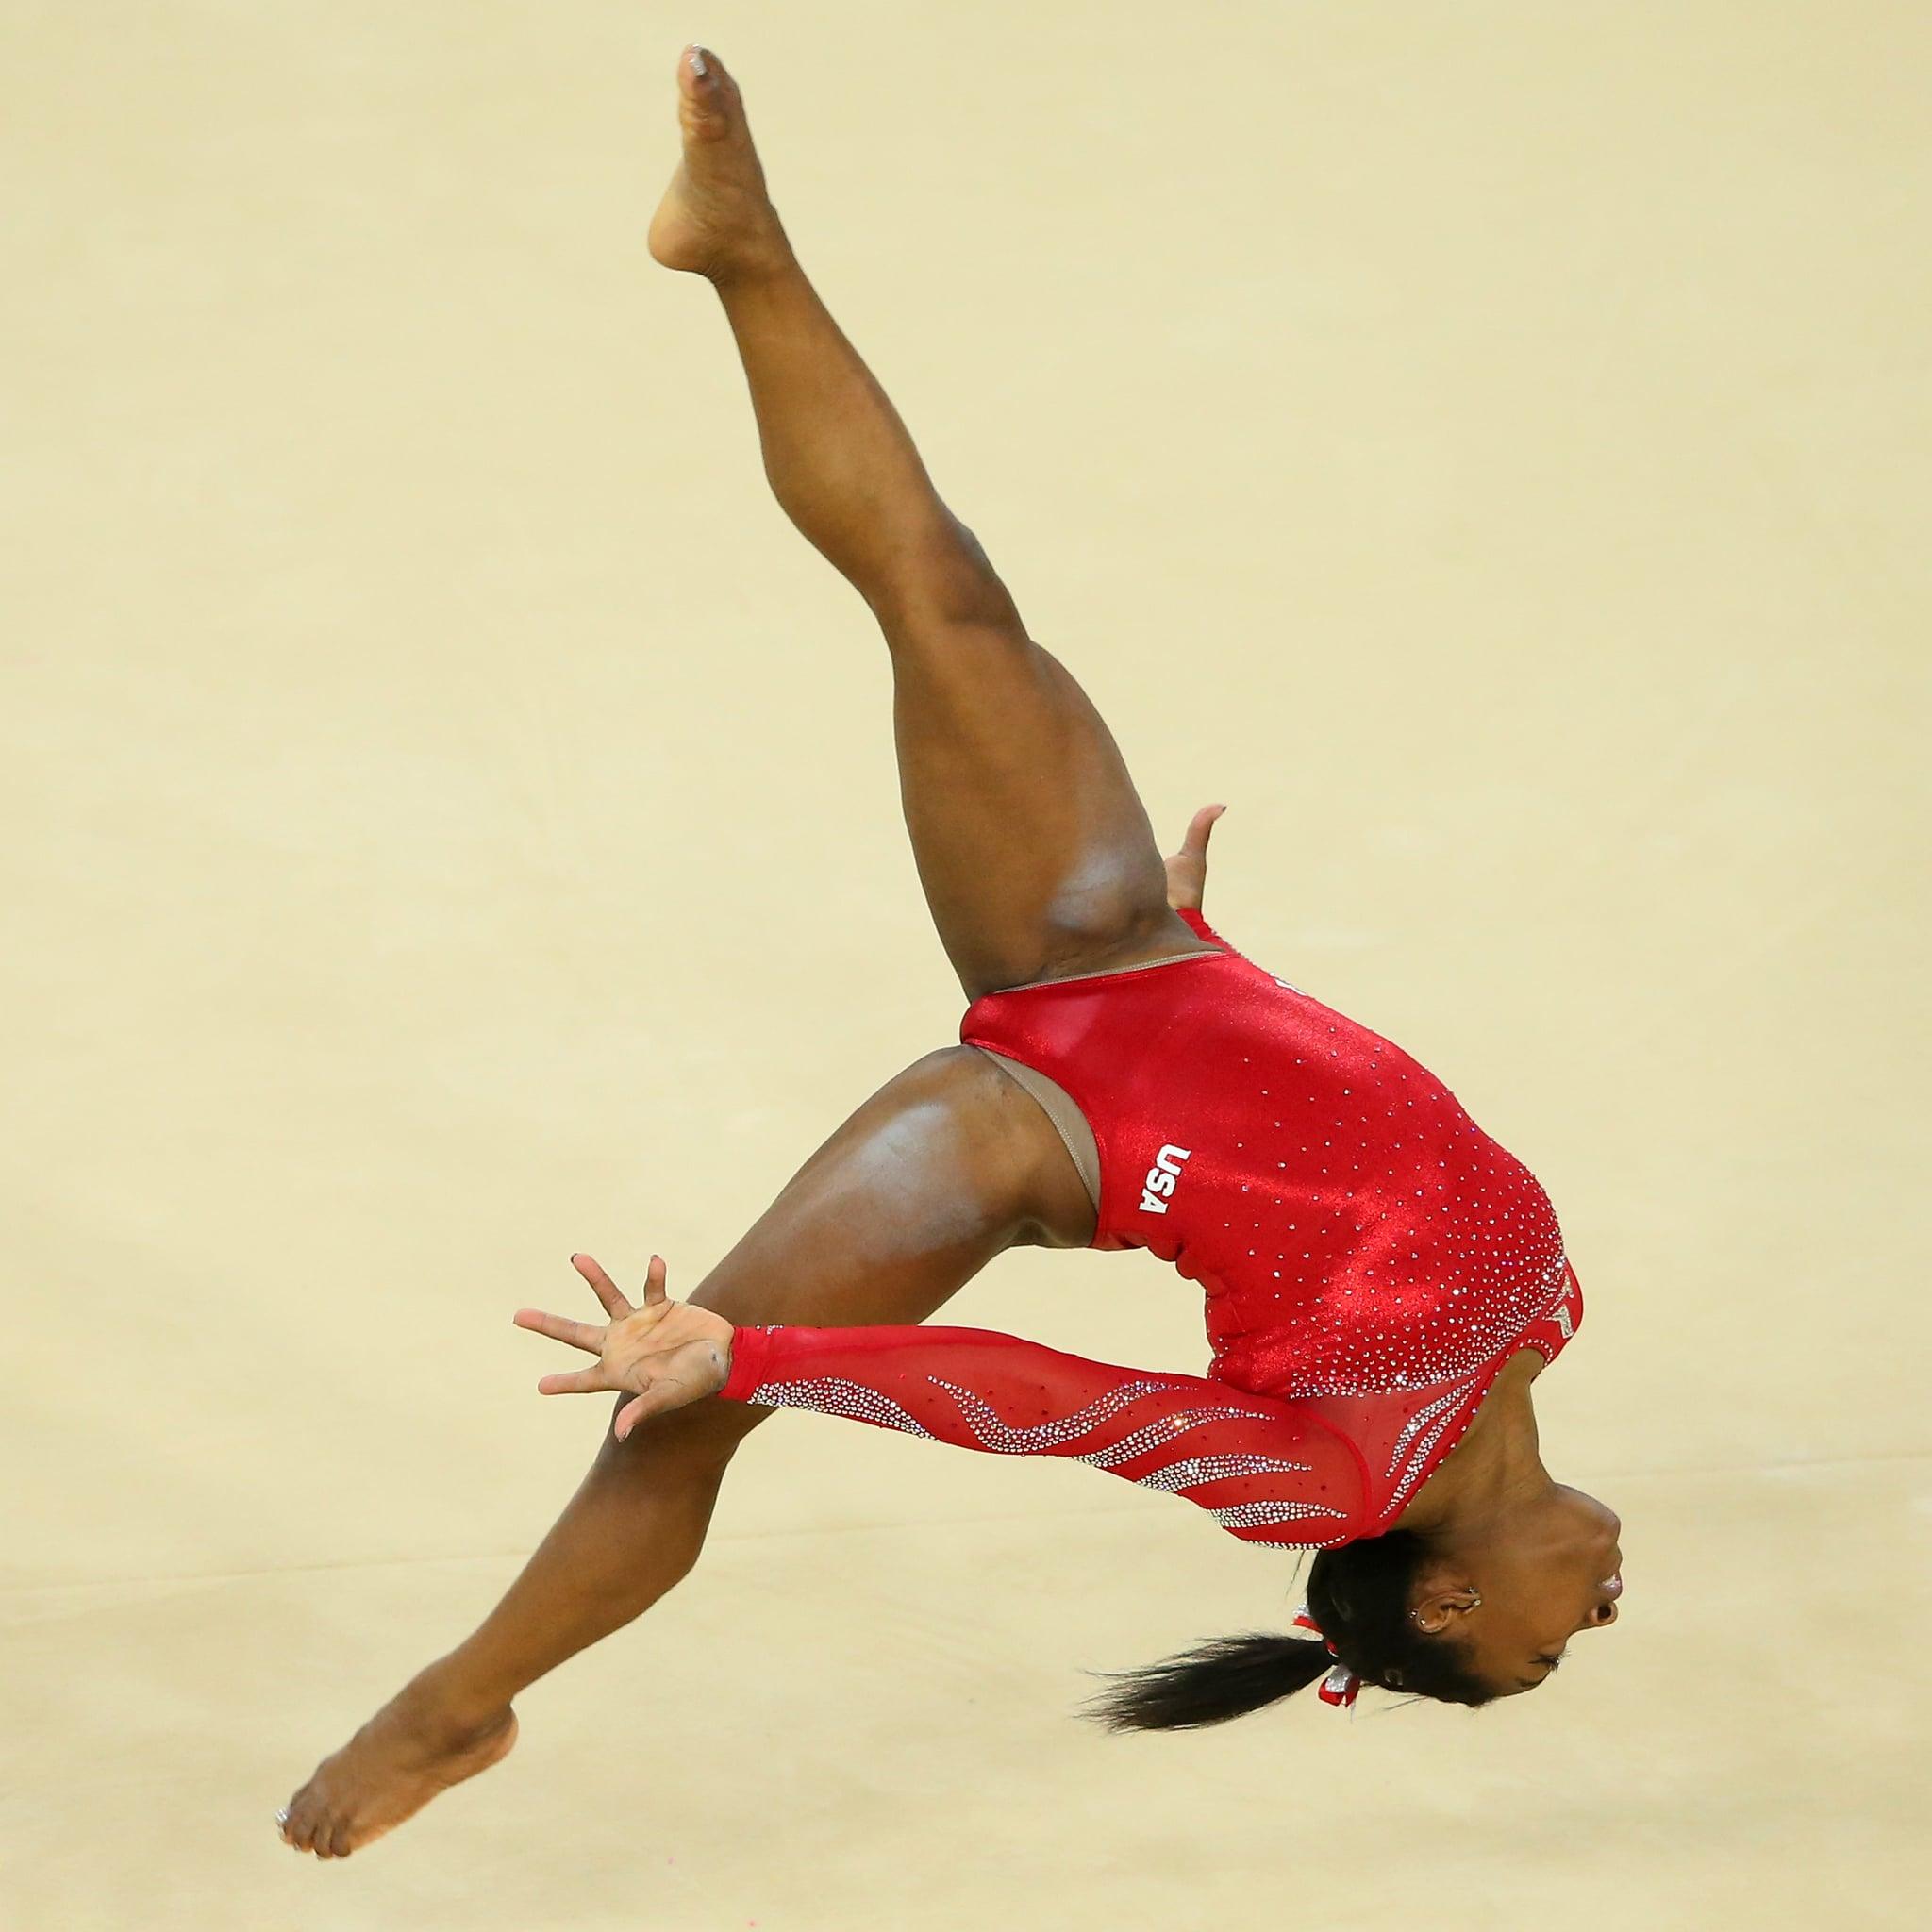 How Gymnast Simone Biles Deal With Fear